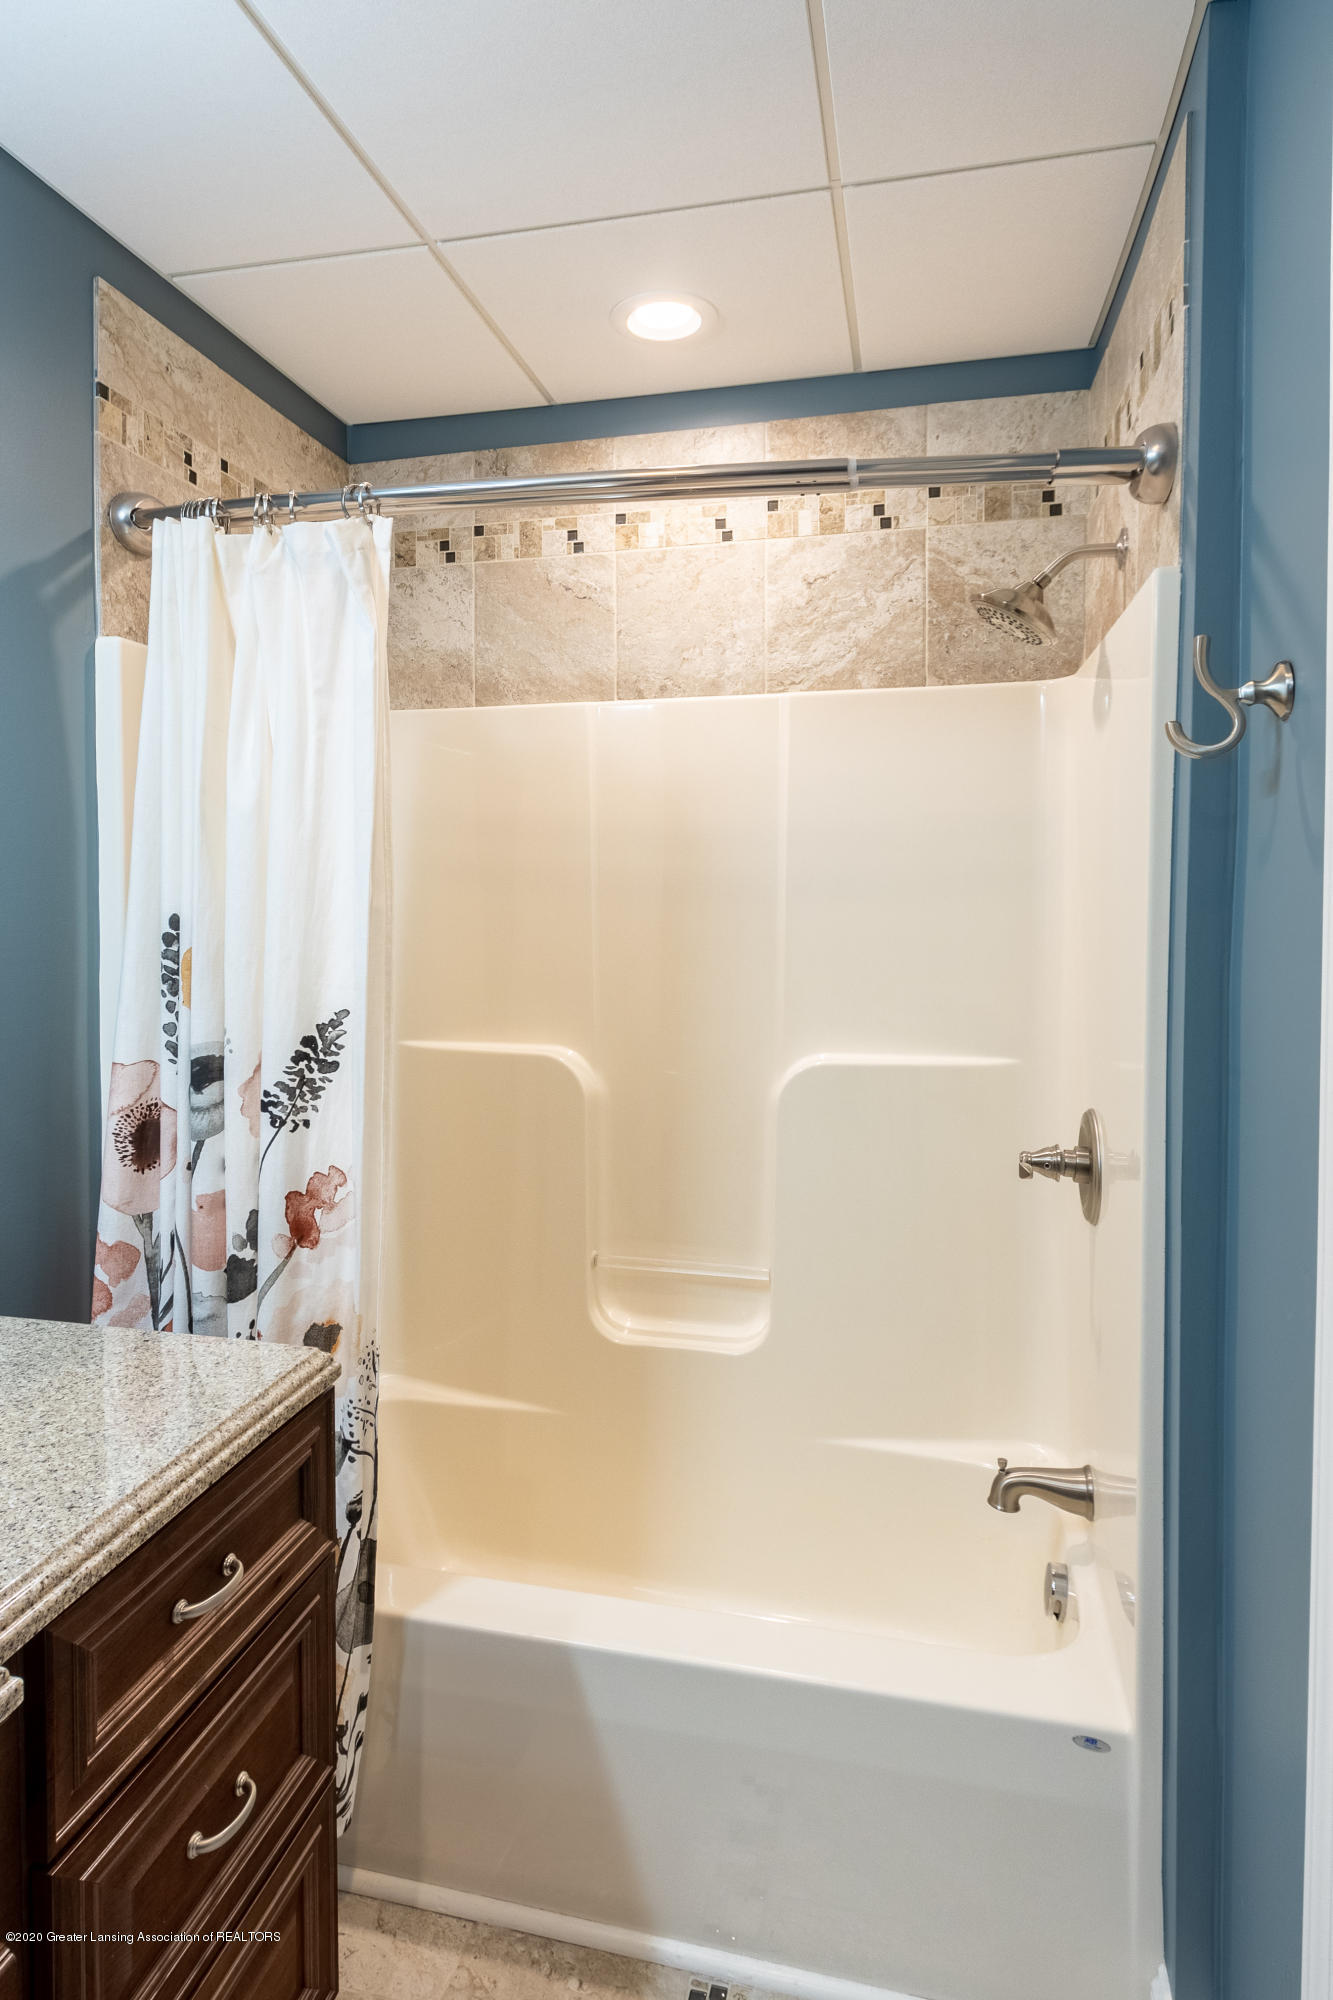 3929 Baulistrol Dr - Bedroom 3 Full Bath - 61